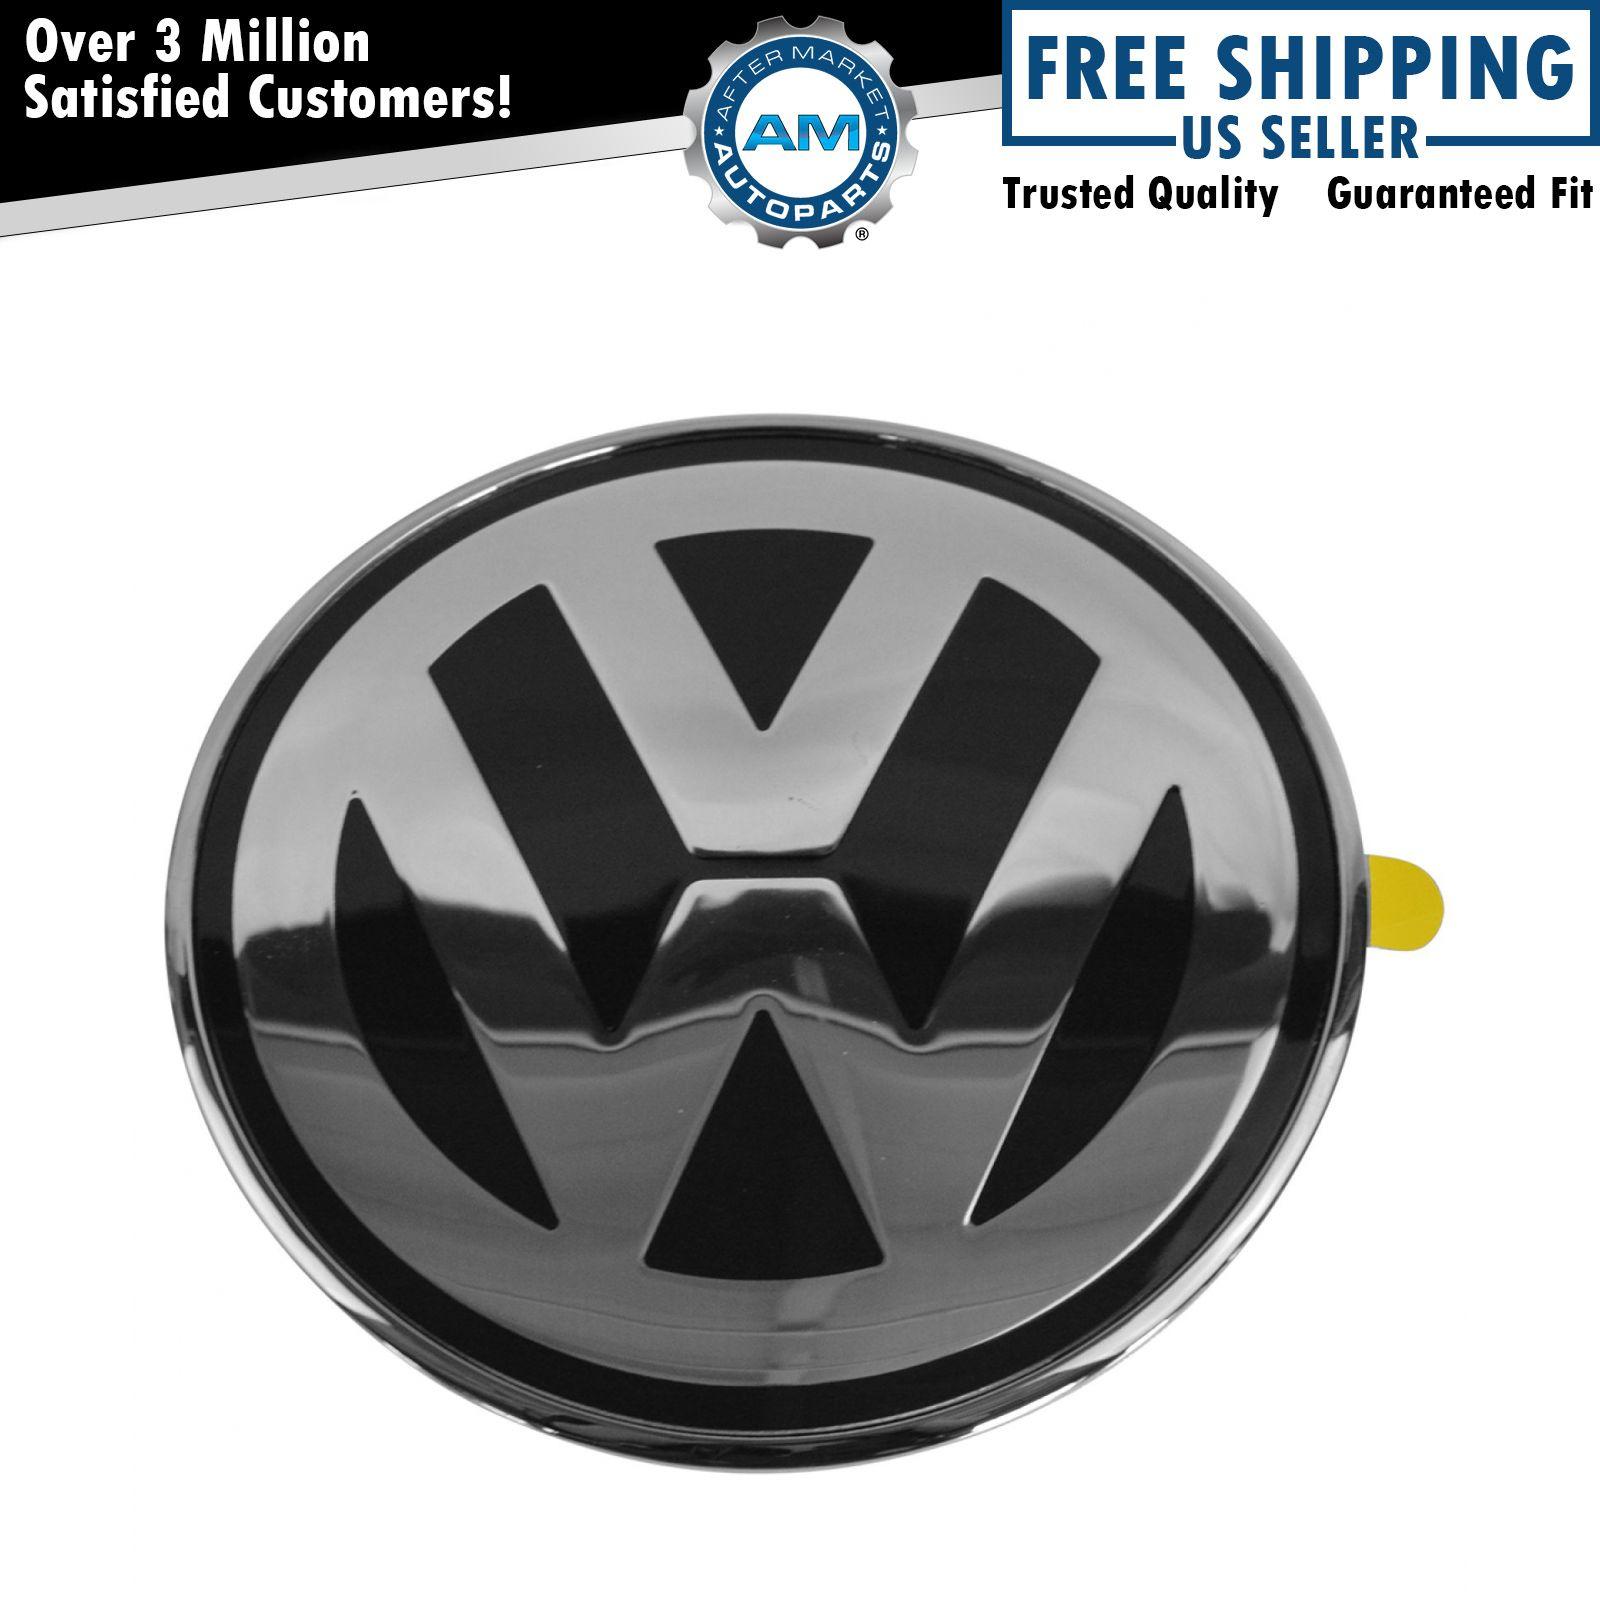 oem 1c0 853 617 a wv9 hood mounted chrome black emblem nameplate for vw beetle ebay. Black Bedroom Furniture Sets. Home Design Ideas